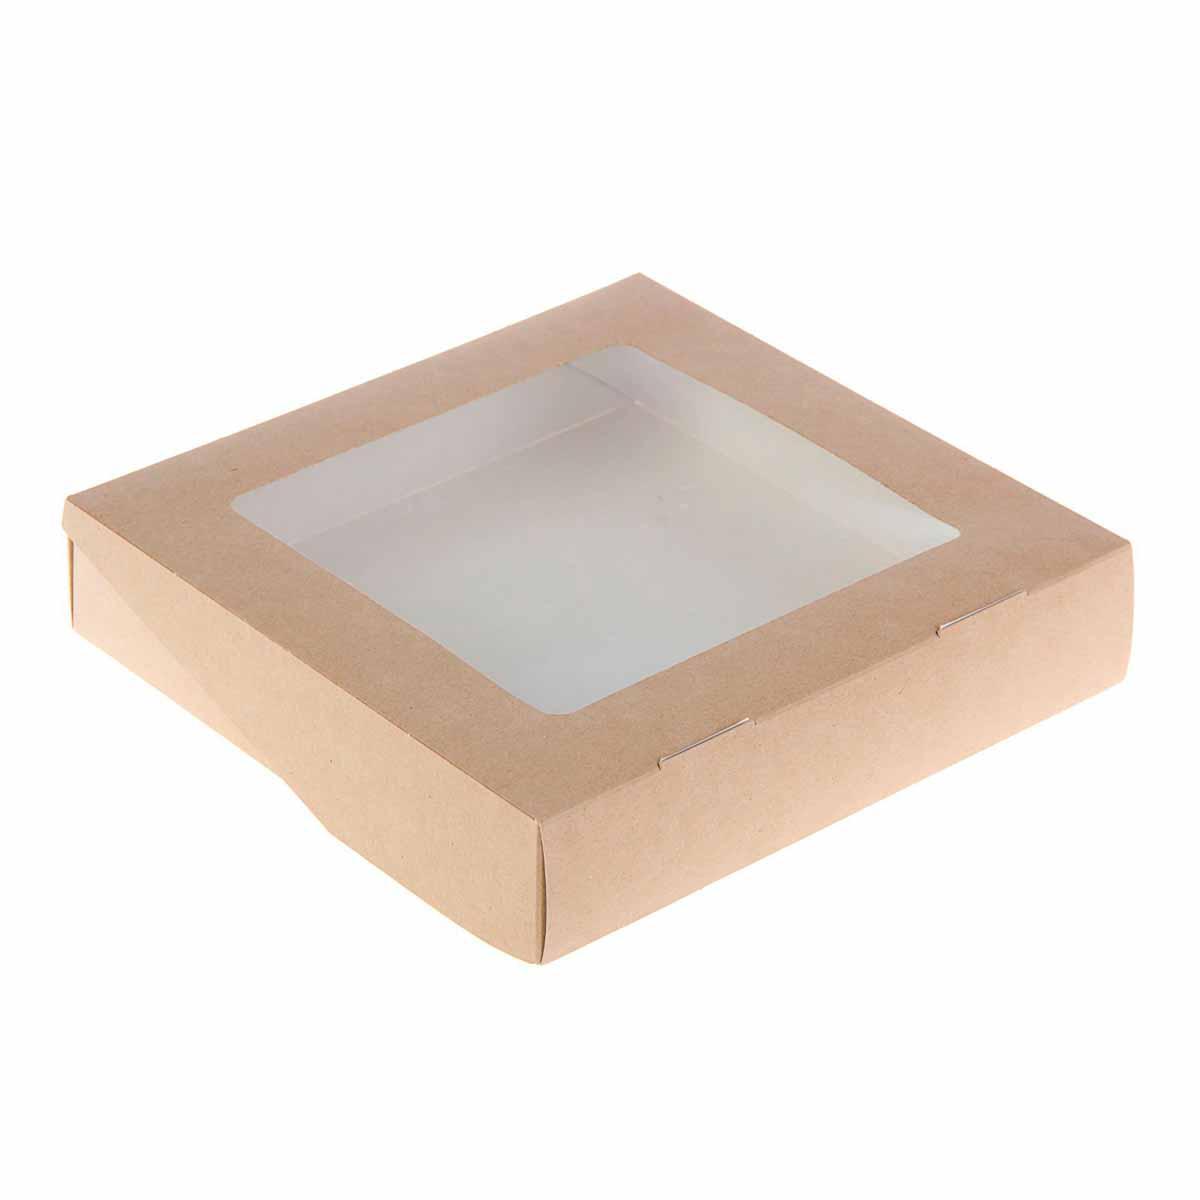 2272623 Коробка упаковочная с окном 20*20*4 см, 1,5 л